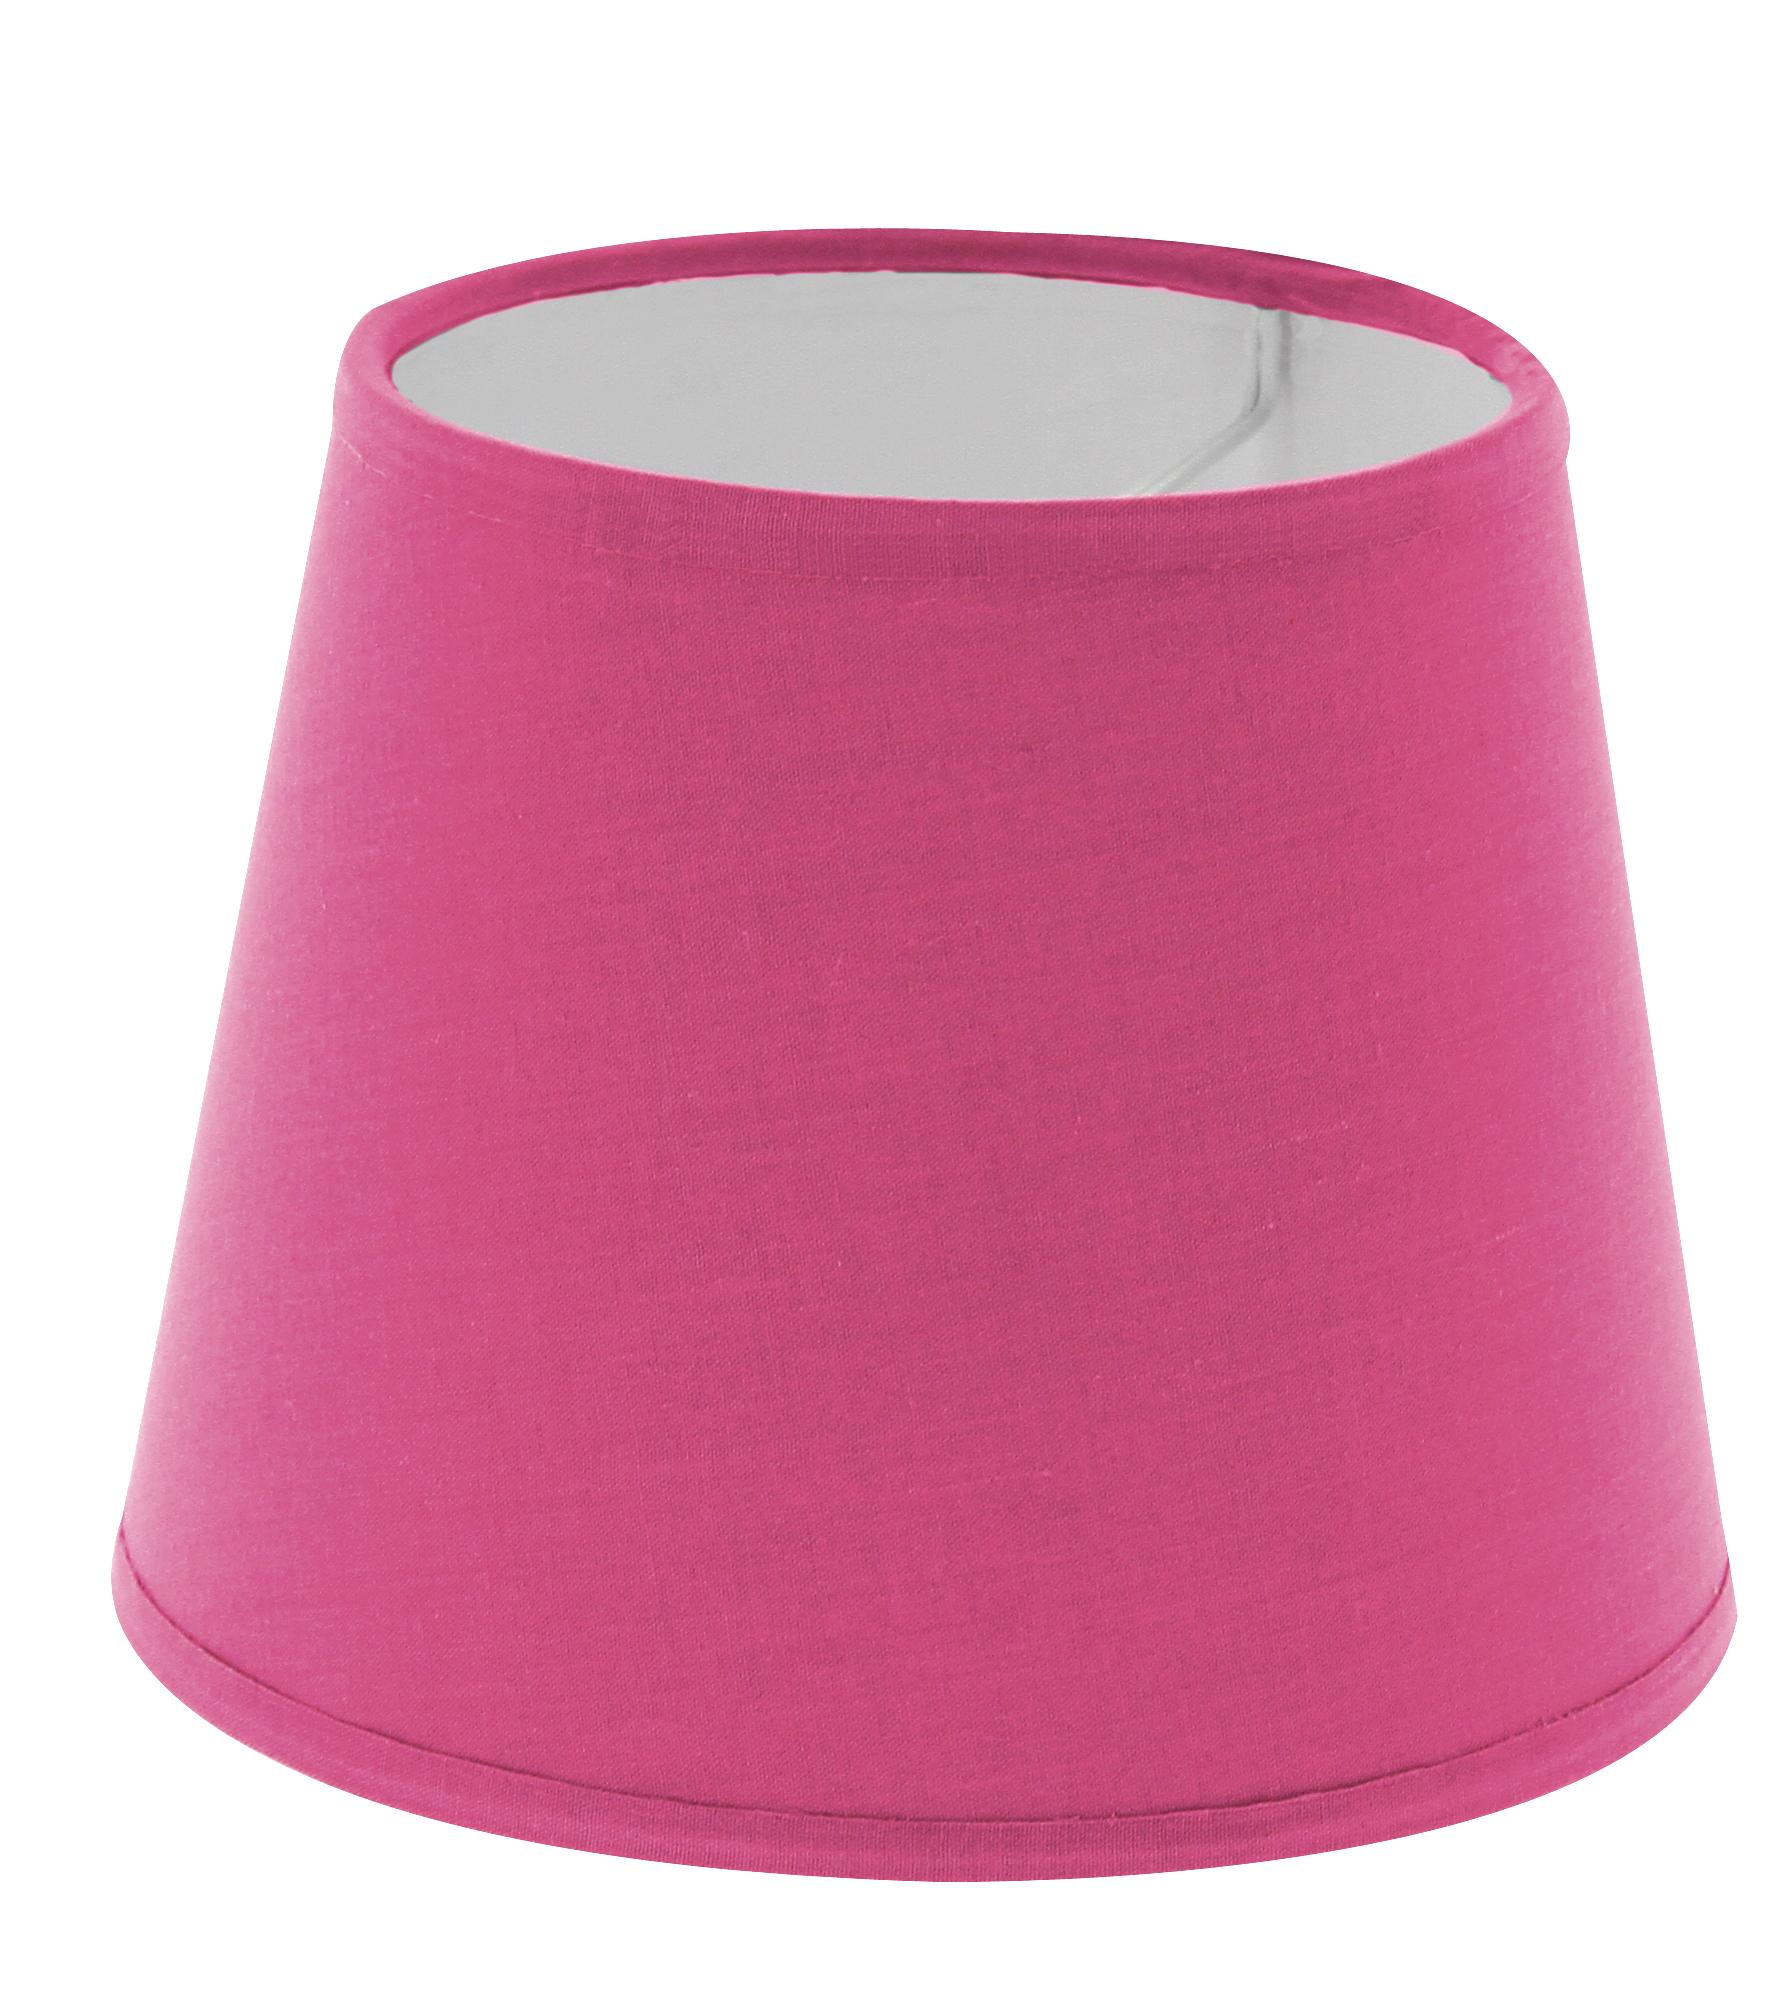 Abat-jour à pince rose framboise diamètre 14 cm